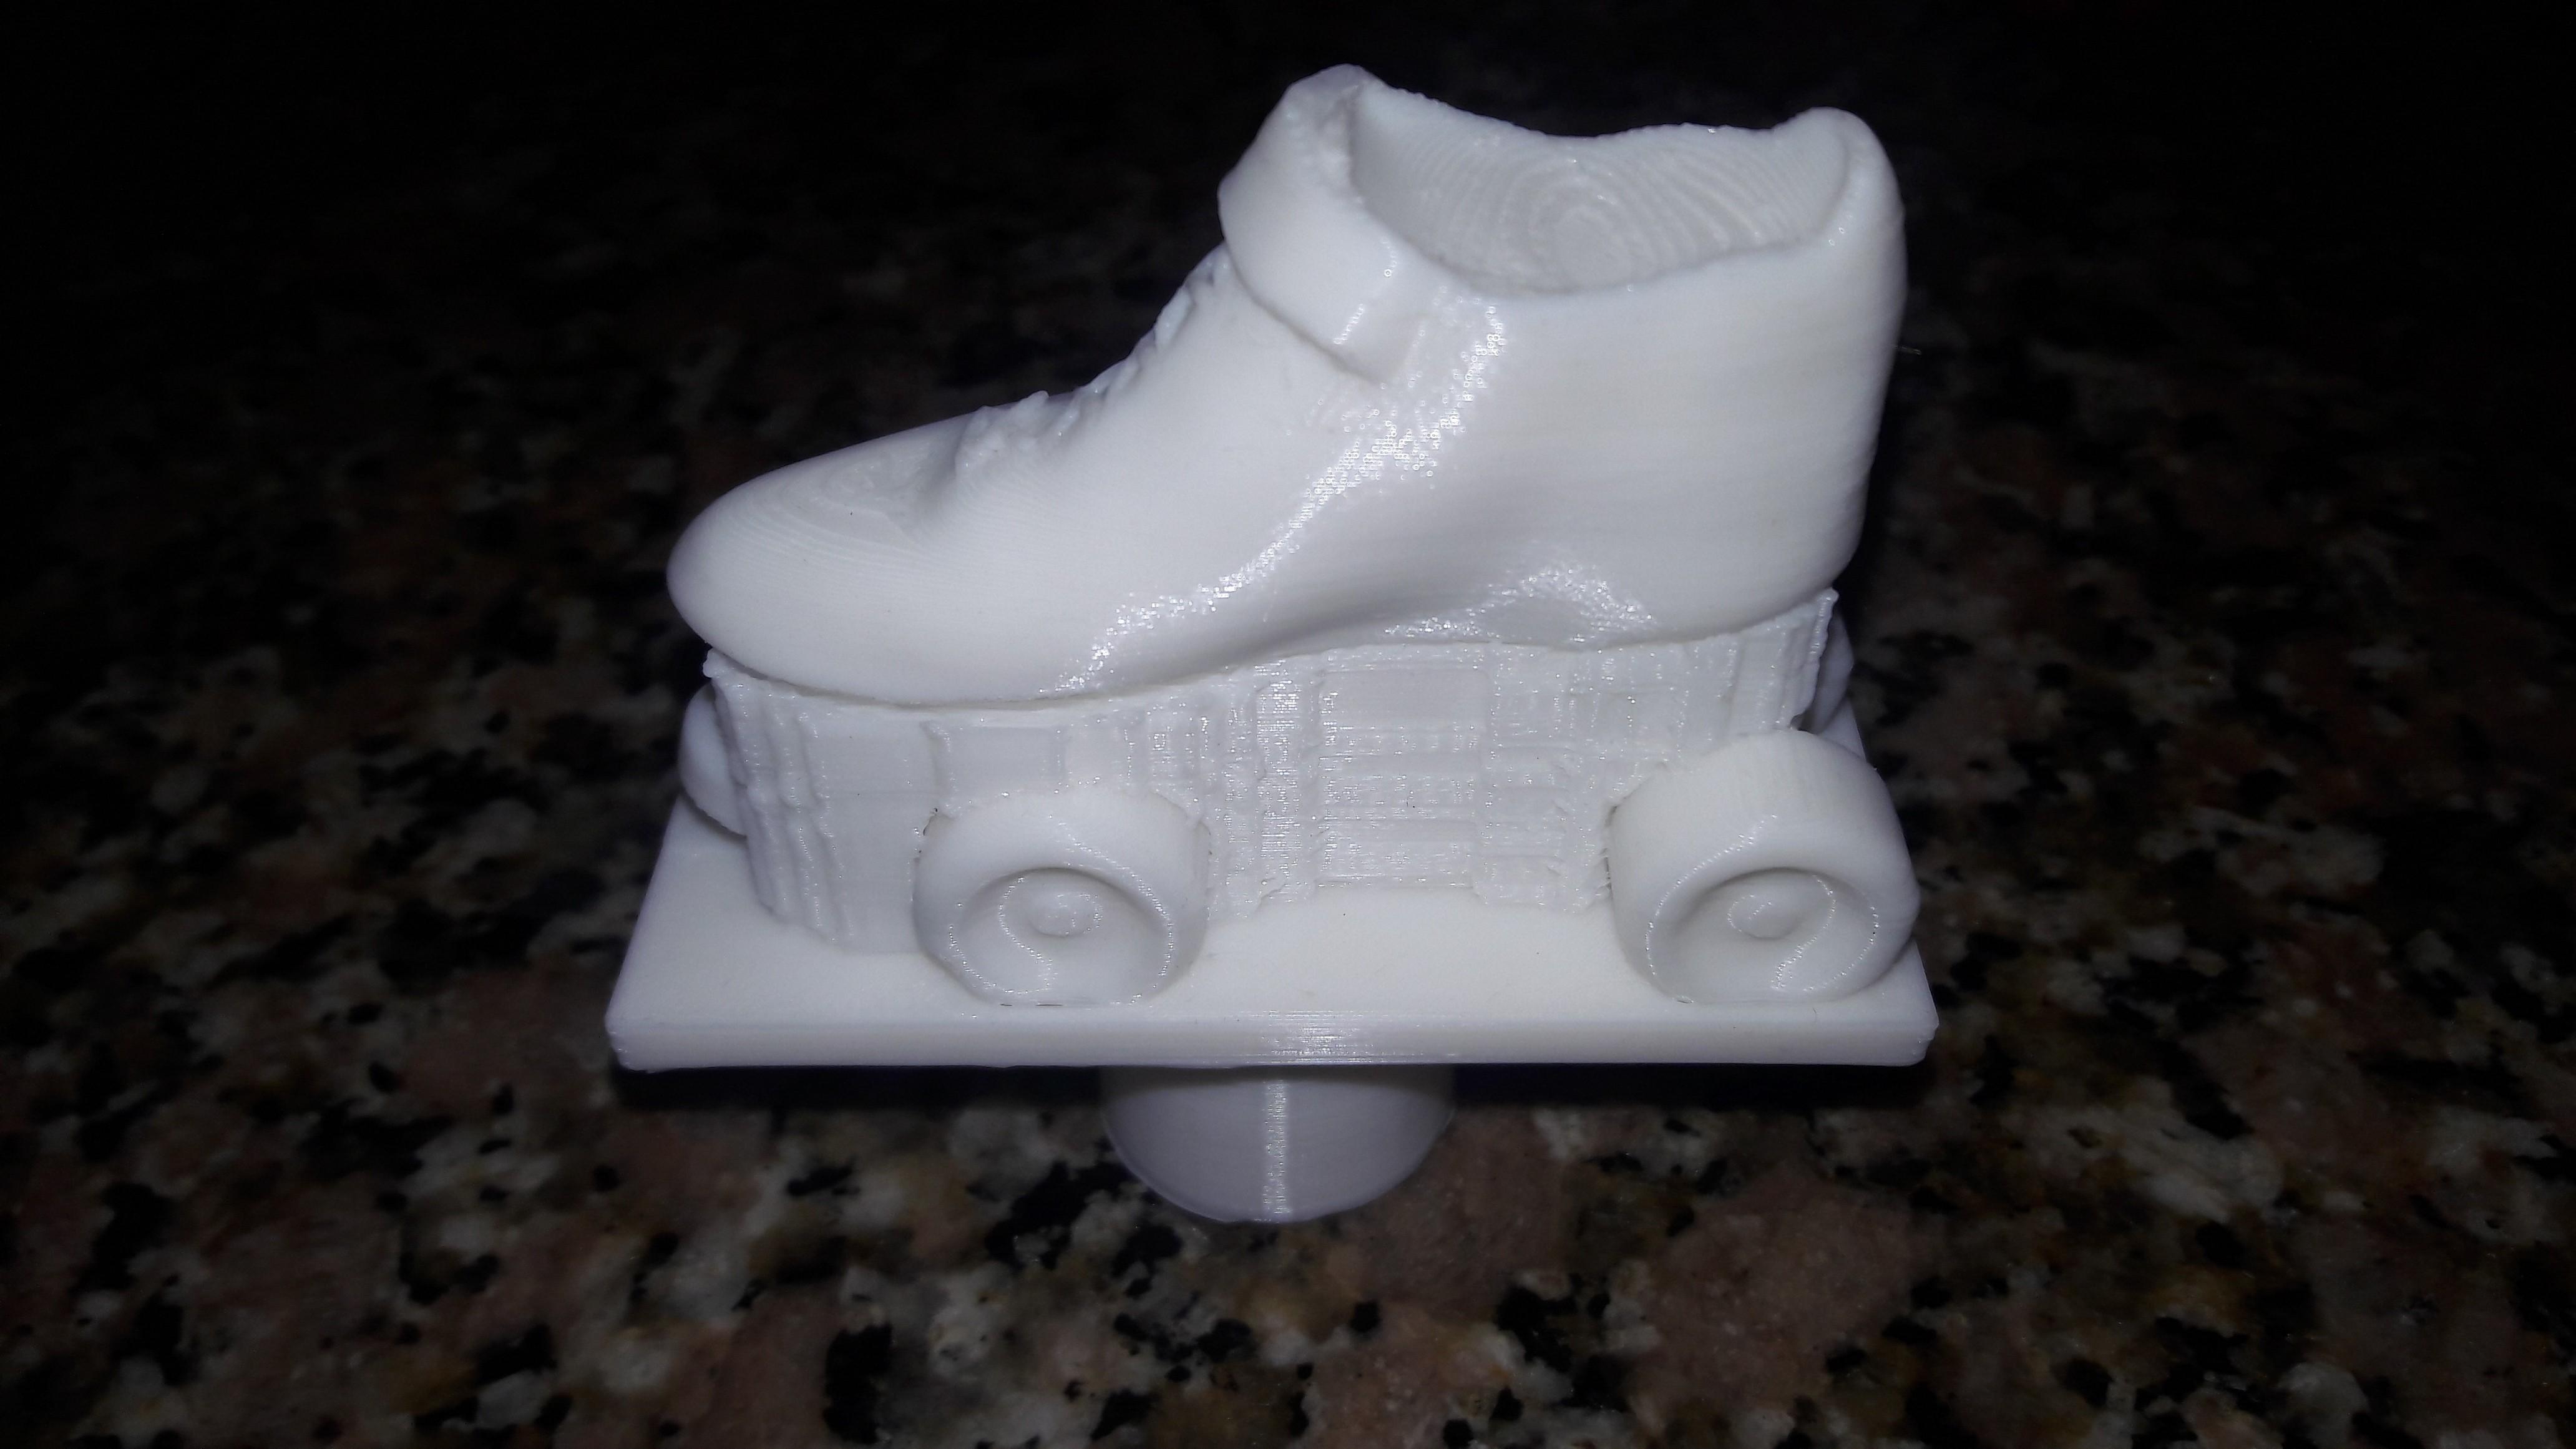 20180709_171238.jpg Download free STL file SKATE TOOL • 3D printer design, ELBONAERENSE